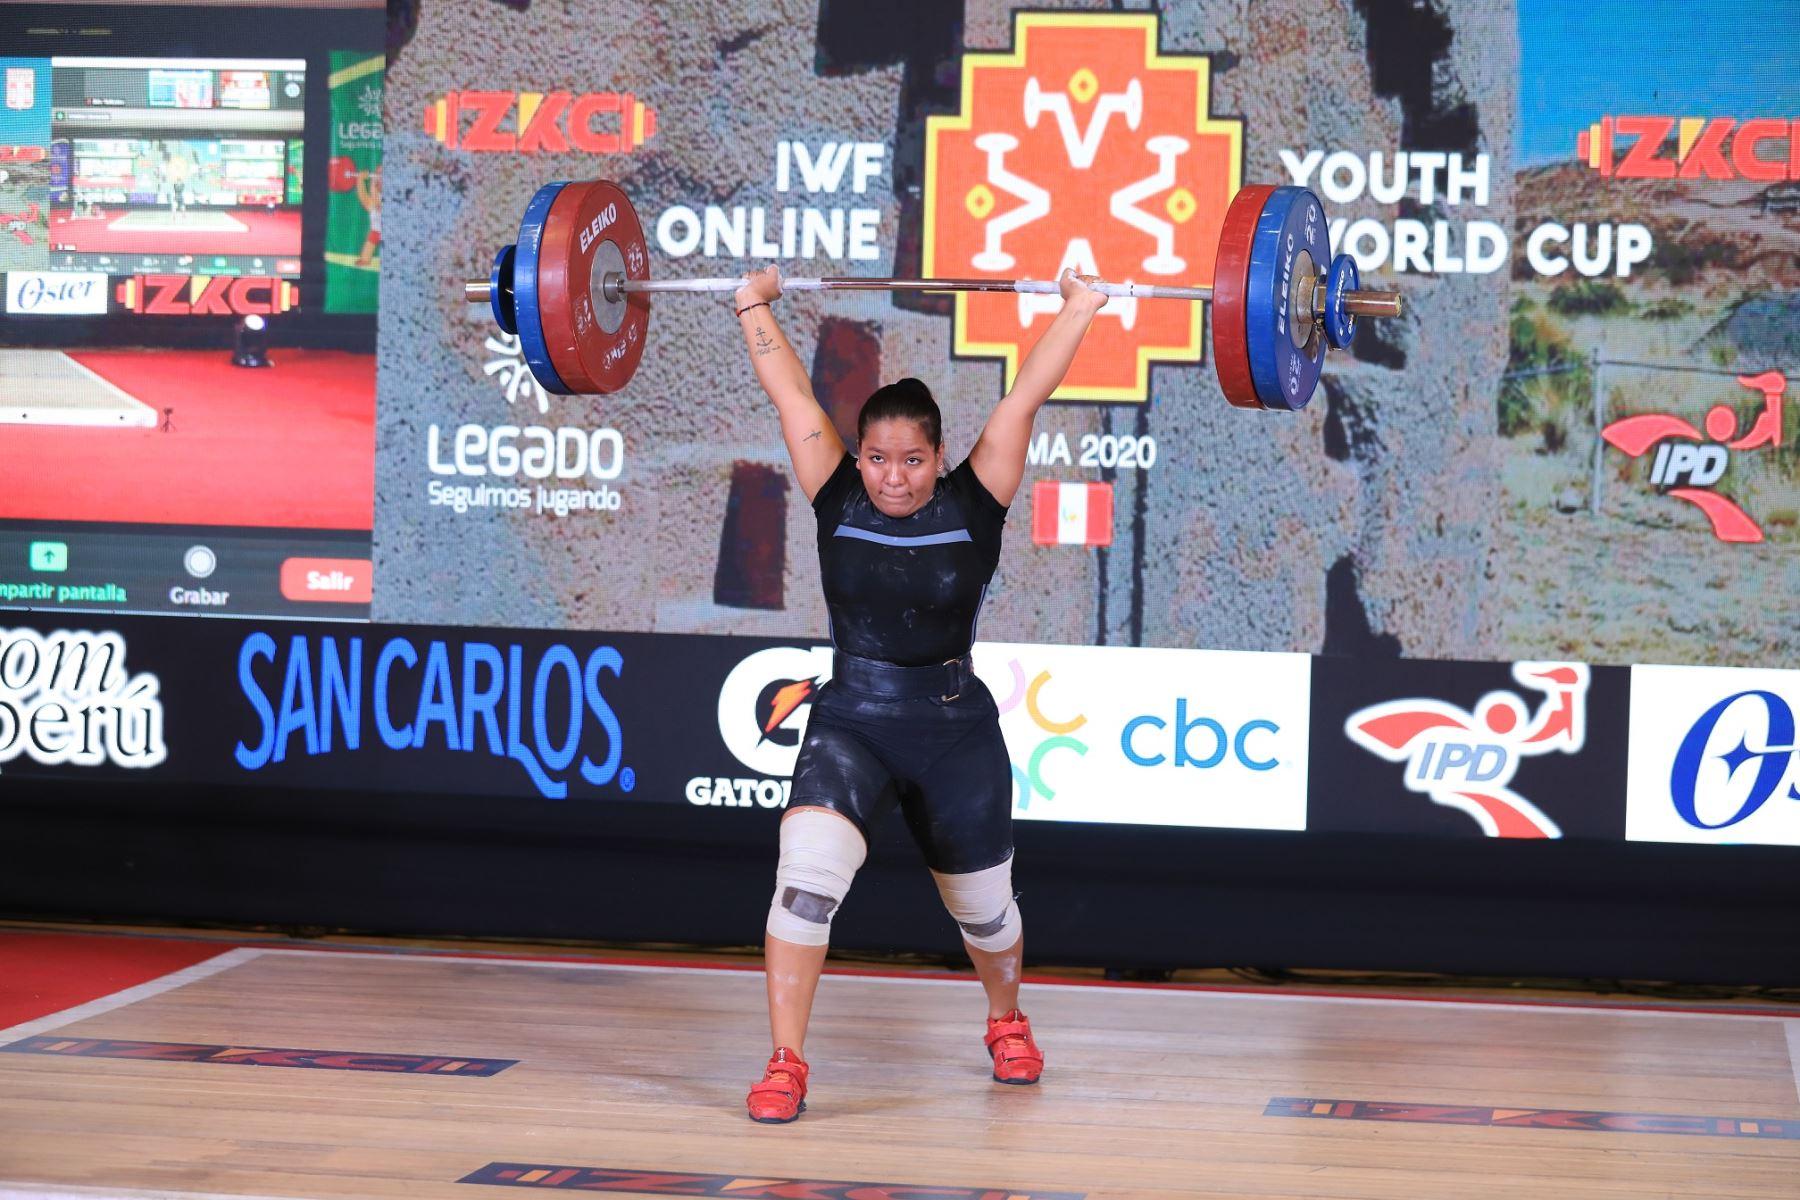 peru-sumo-14-medallas-en-la-copa-mundial-de-pesas-sub-17-online